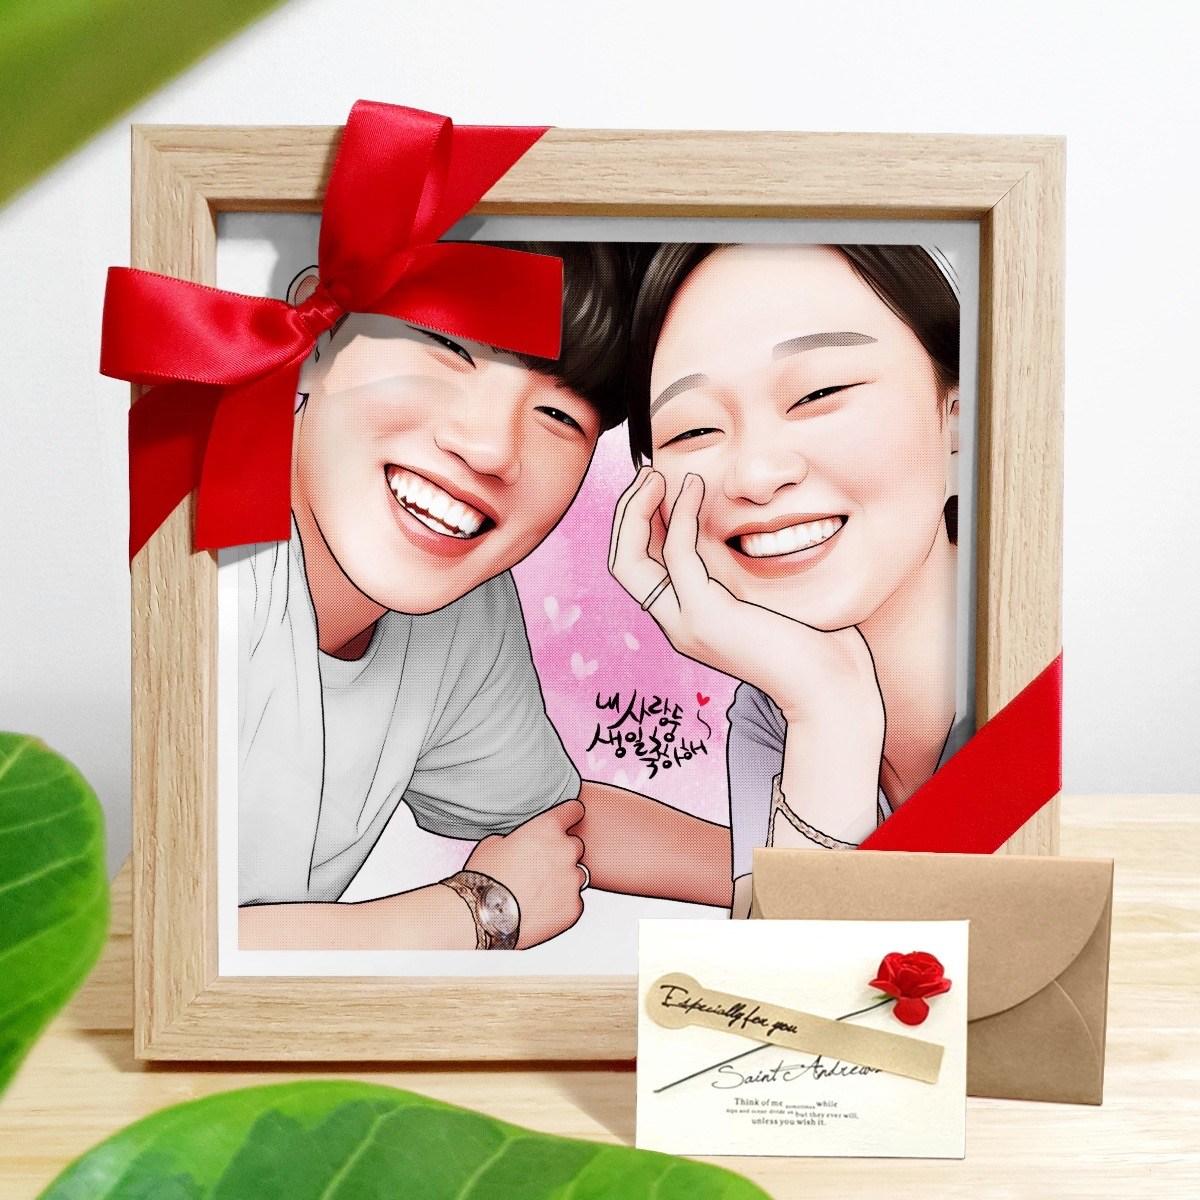 사진주문제작 감성 팝아트 초상화 캐리커쳐 커플 20대 여자친구 남자친구 부모님 생일 기념일 선물 액자+카드, 그림속인원 1명